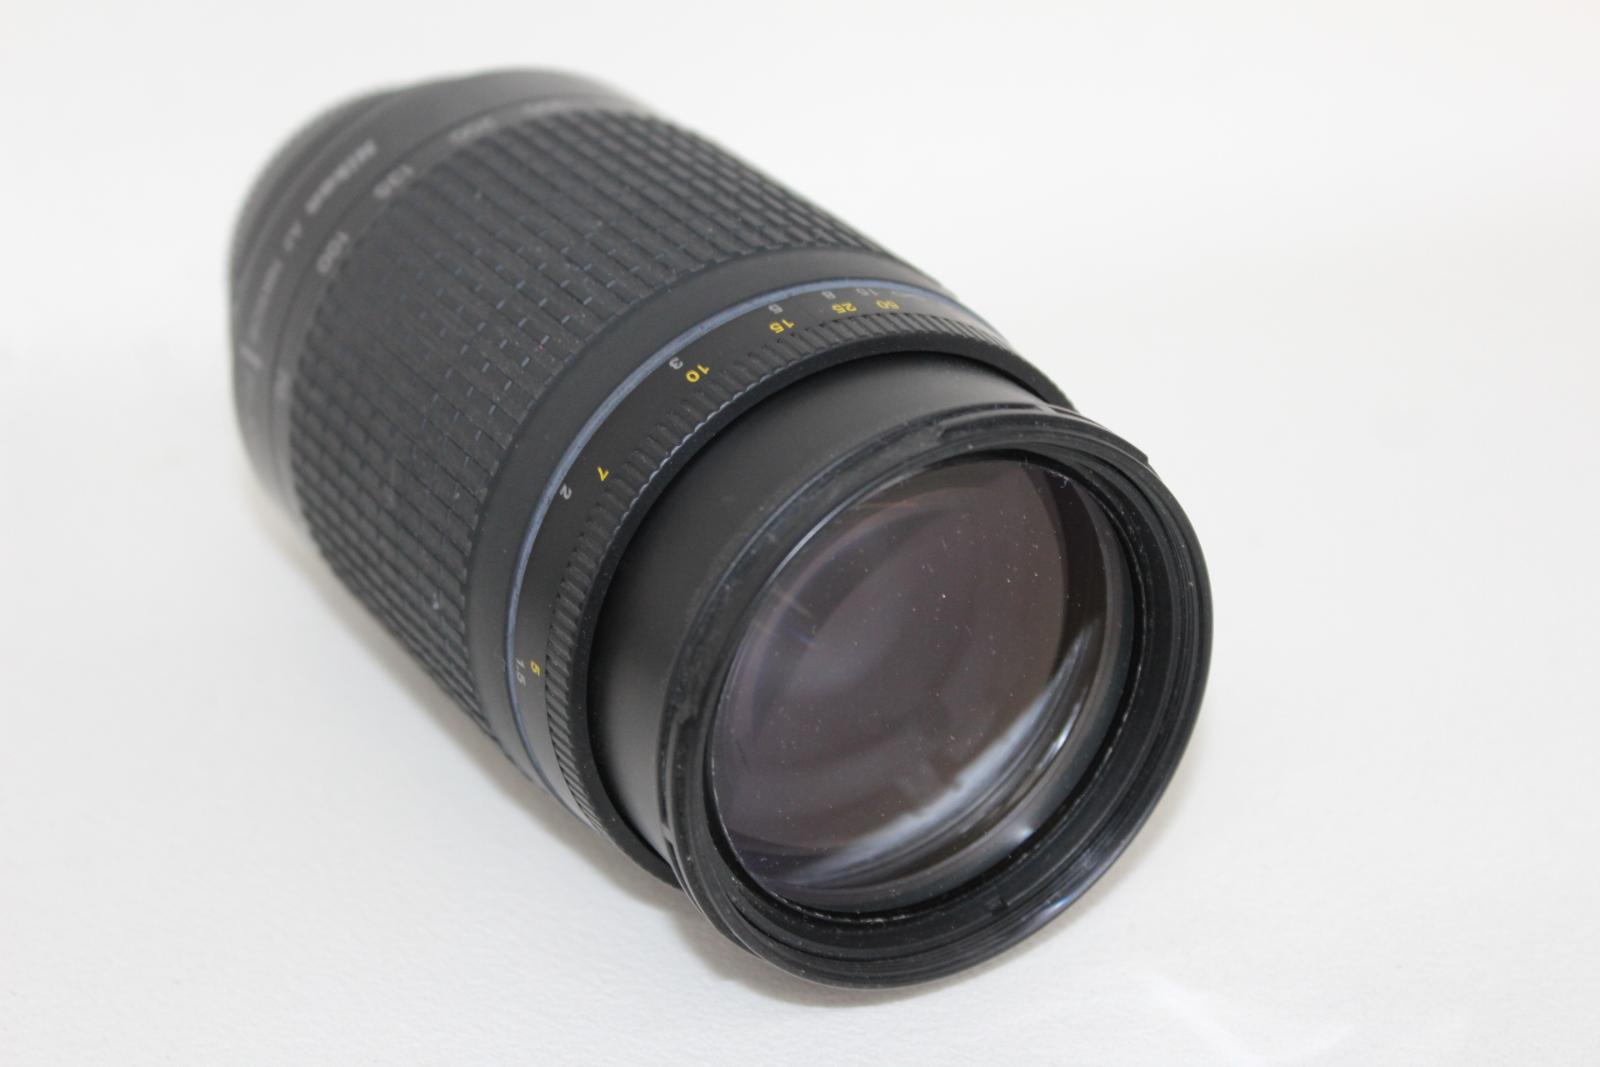 NIKON-F65-Camara-Con-Nikkor-28-80mm-y-70-300mm-y-Tamron-Hoya-Lentes-52mm miniatura 3